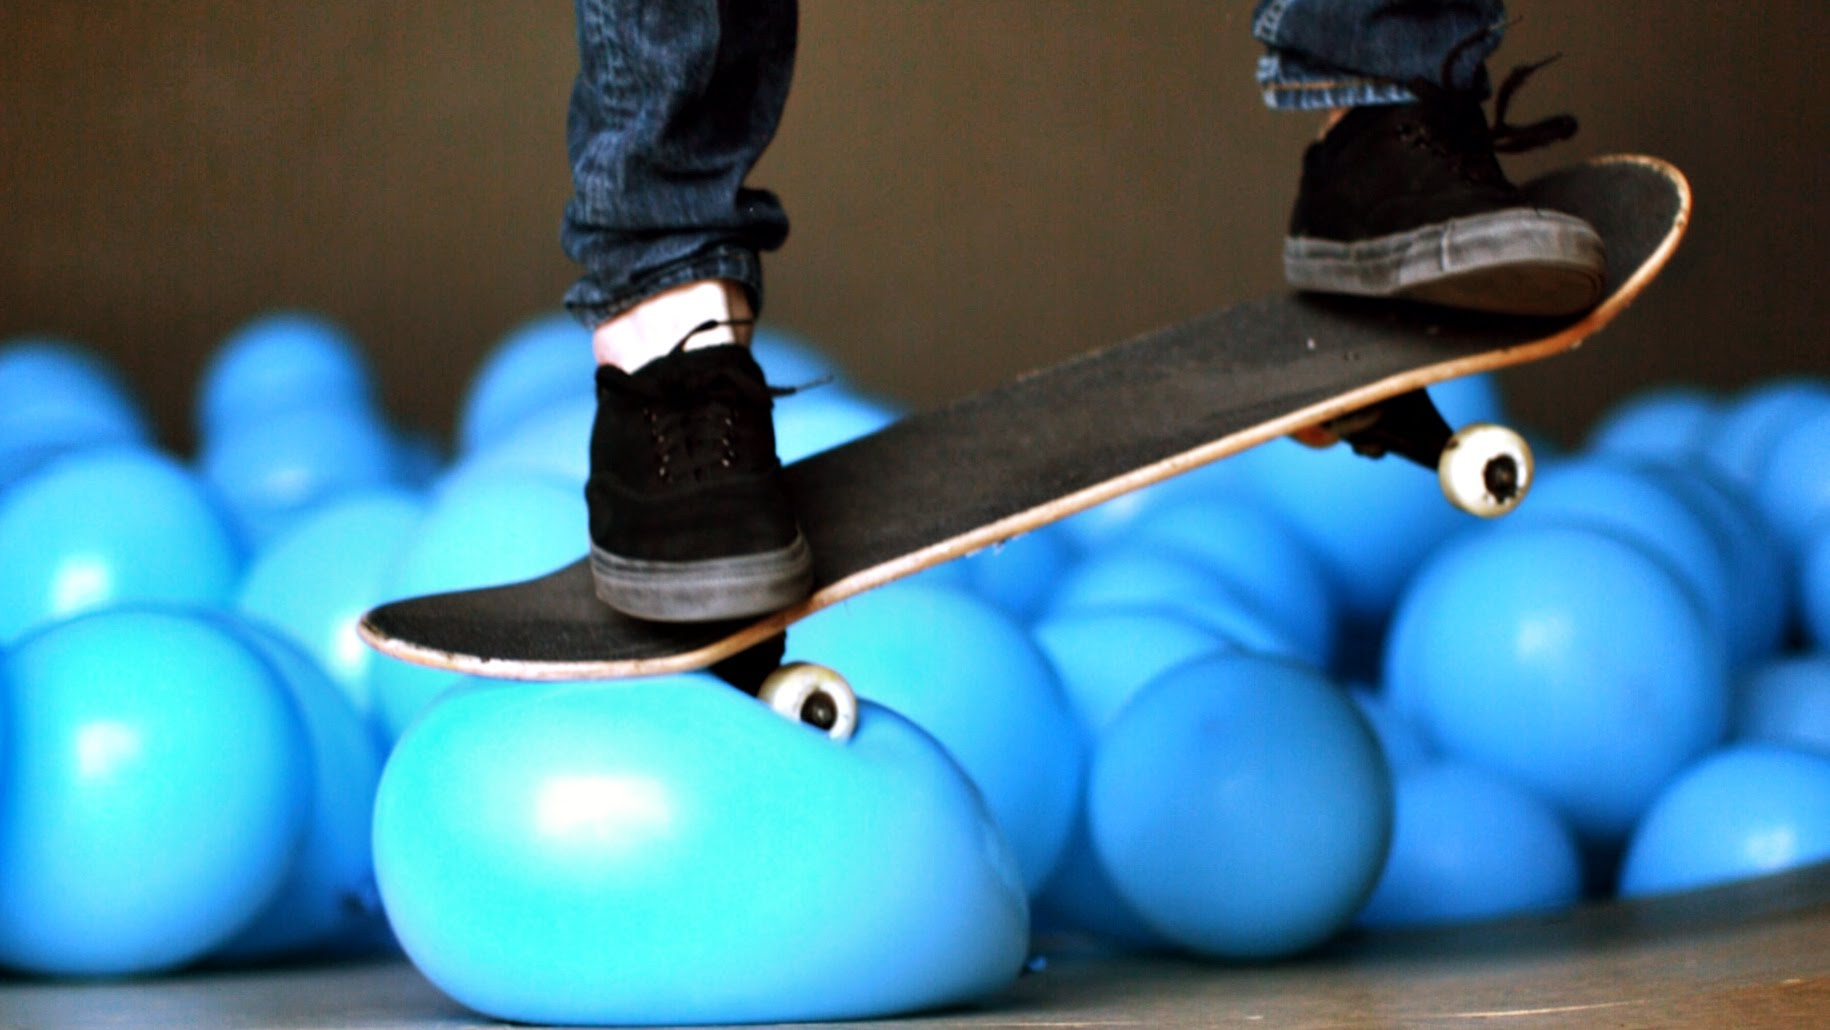 Des ballons dans un skatepark